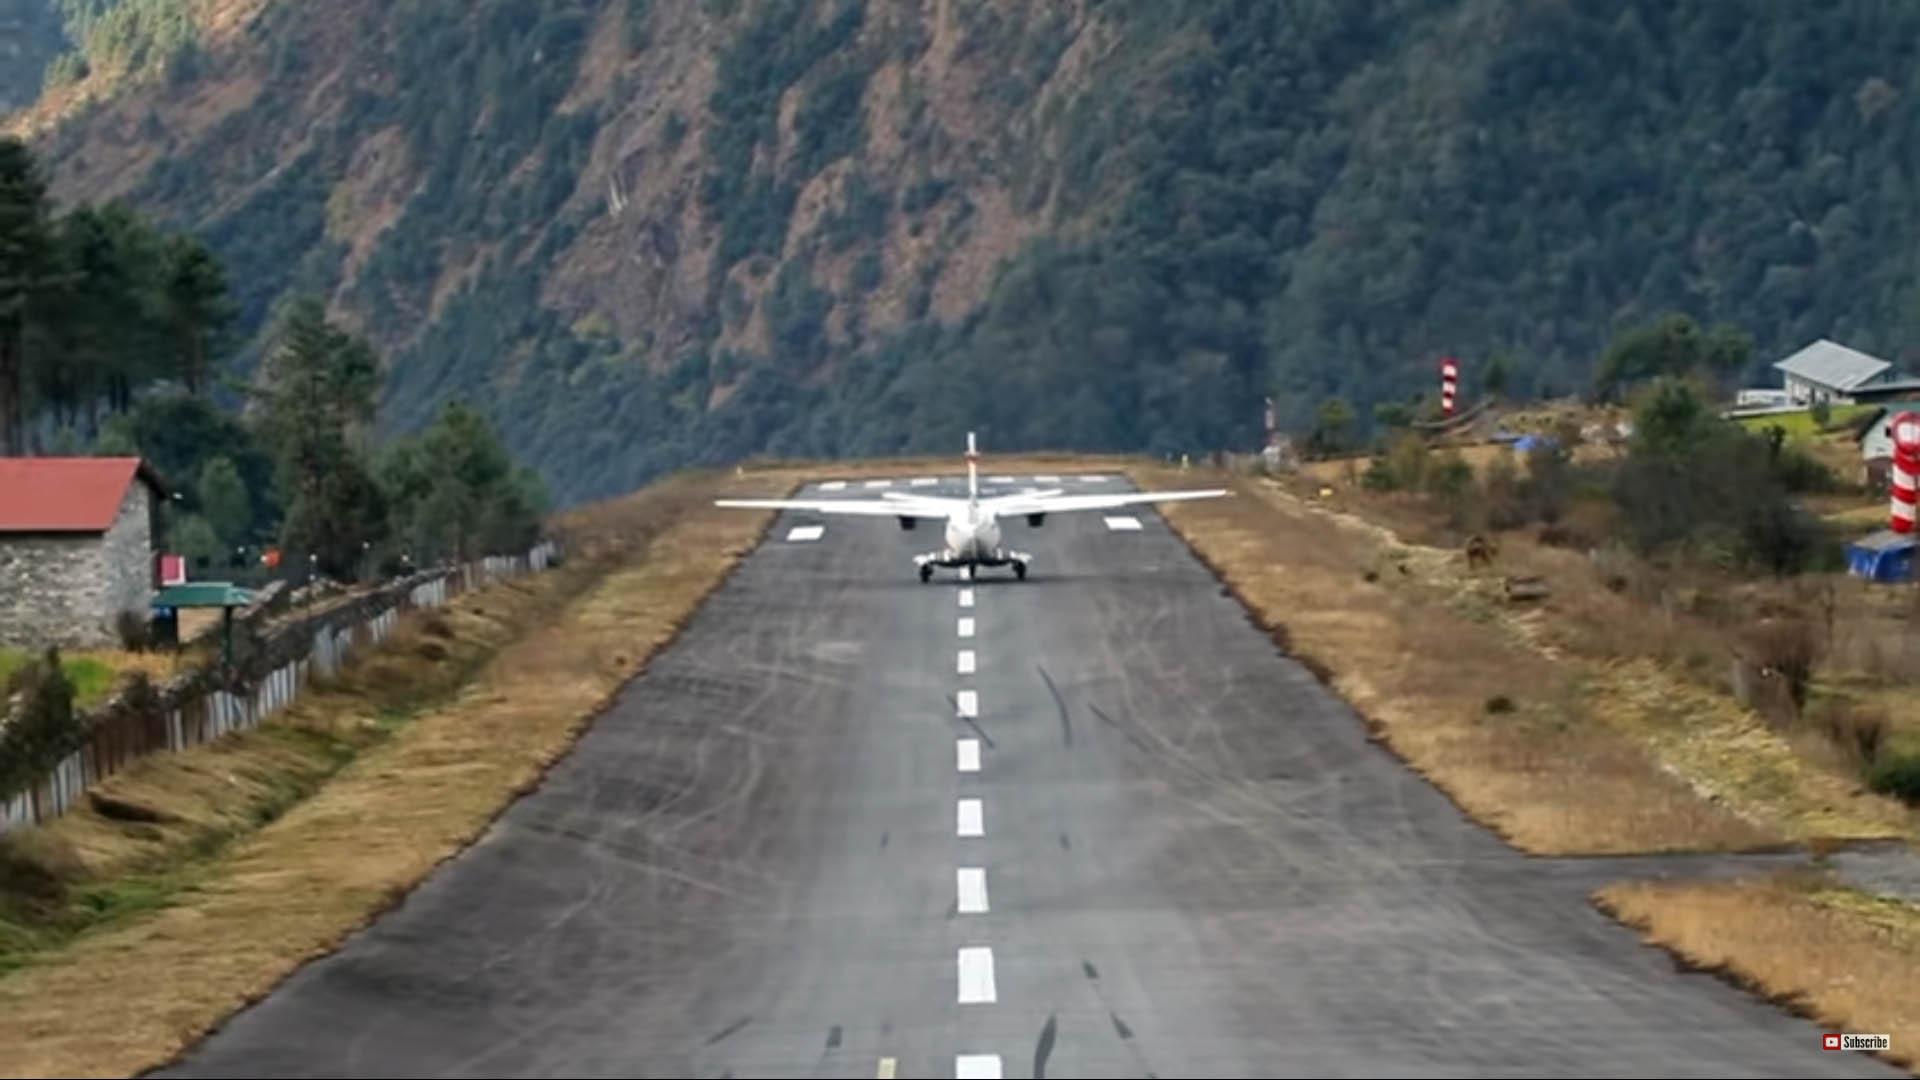 루클라 공항에서 소형 항공기가 내리막 활주로에서 이륙하는 모습. [유튜브 캡쳐]